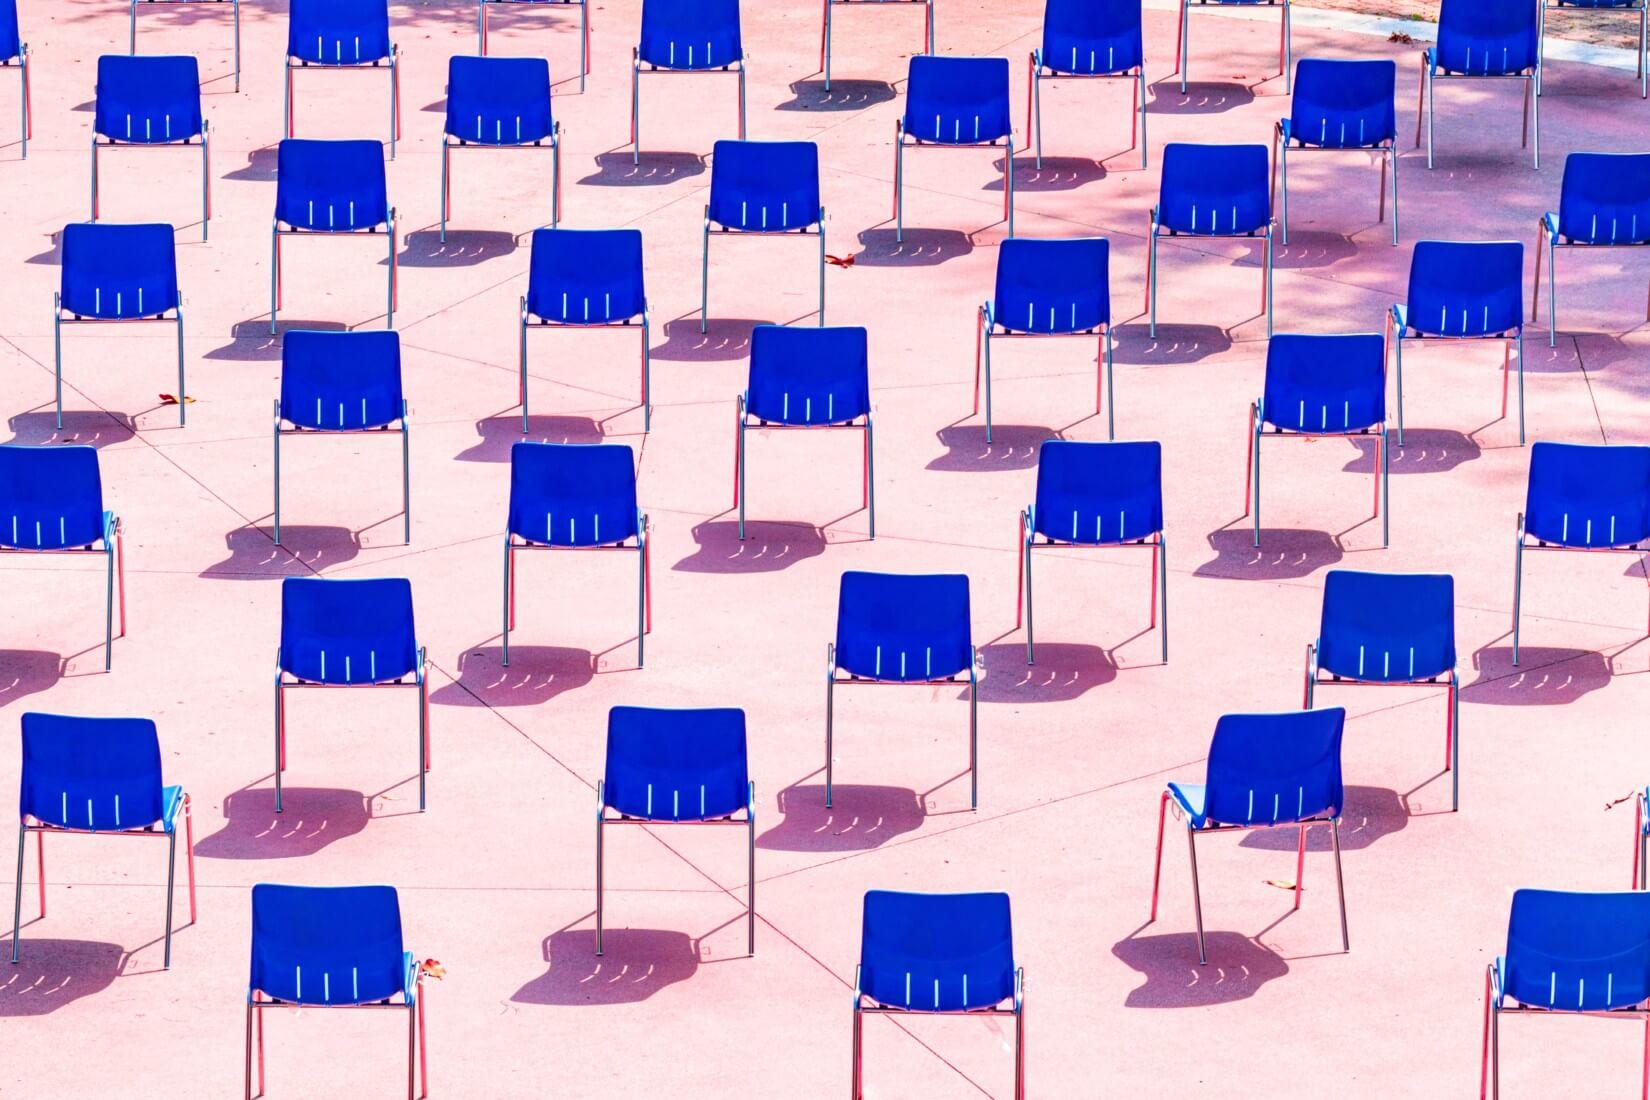 Viele blaue Stühle auf rosa Hintergrund